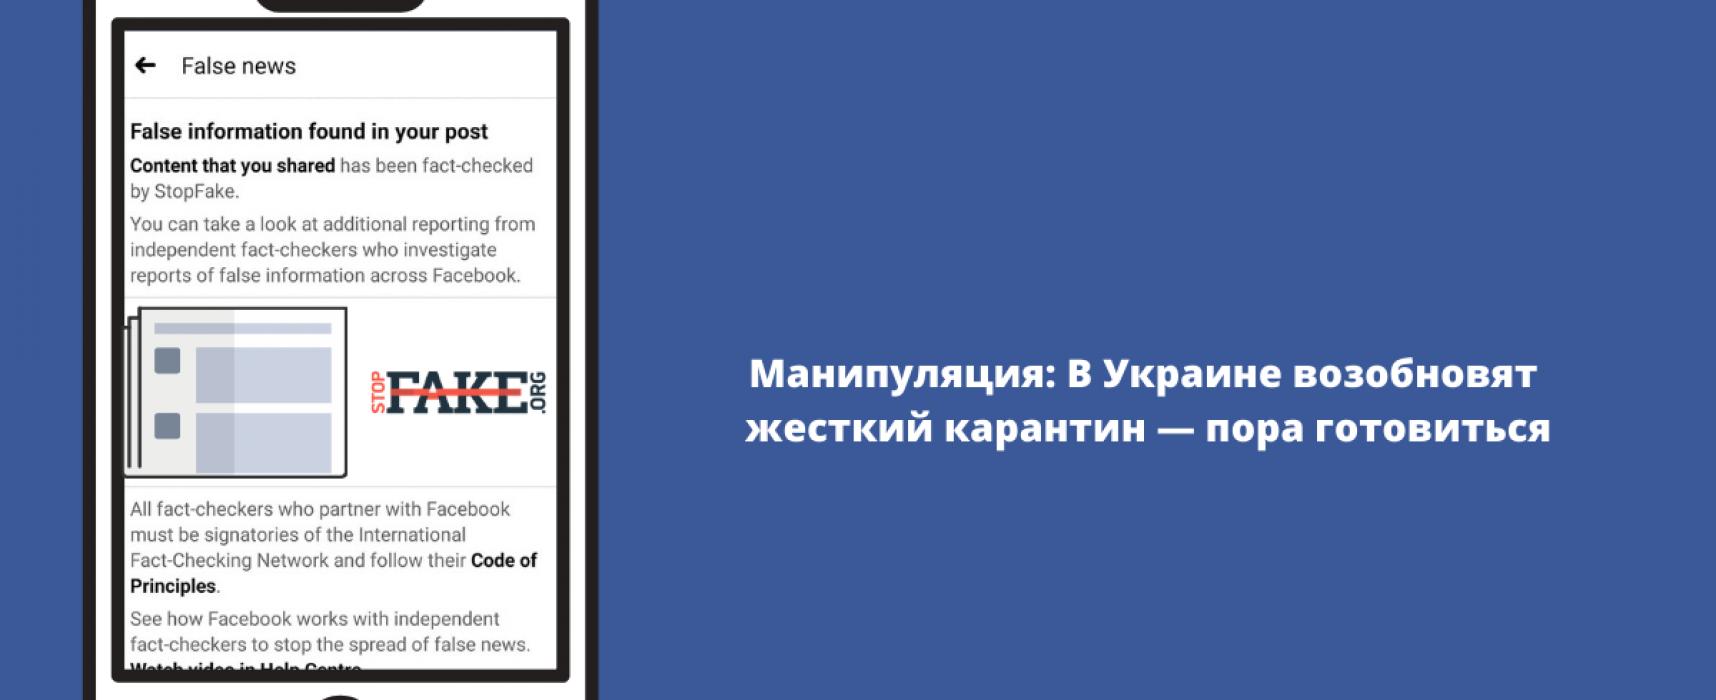 Манипуляция: В Украине возобновят жесткий карантин — пора готовиться